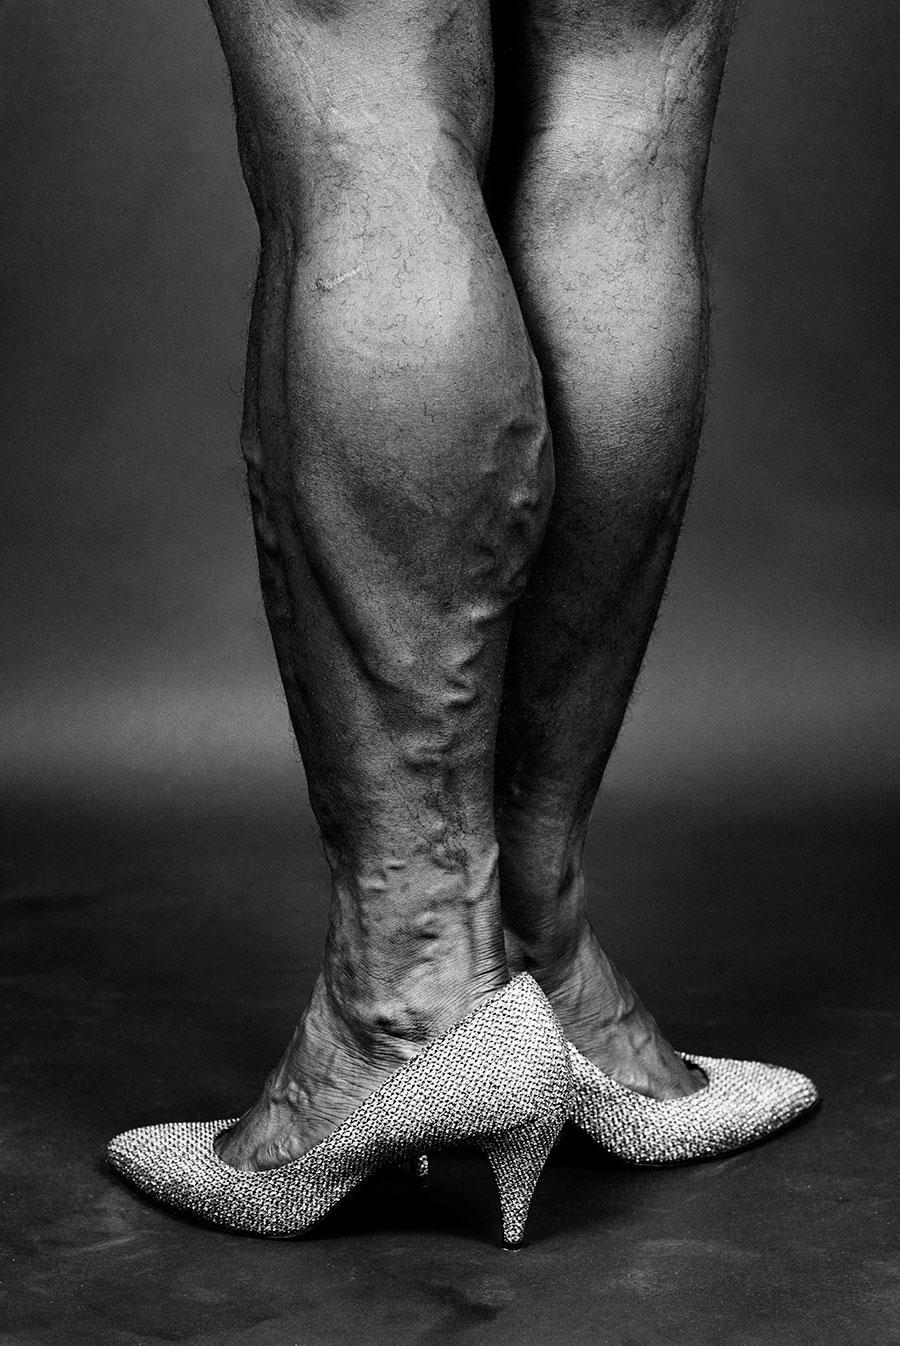 Ajamu Heels